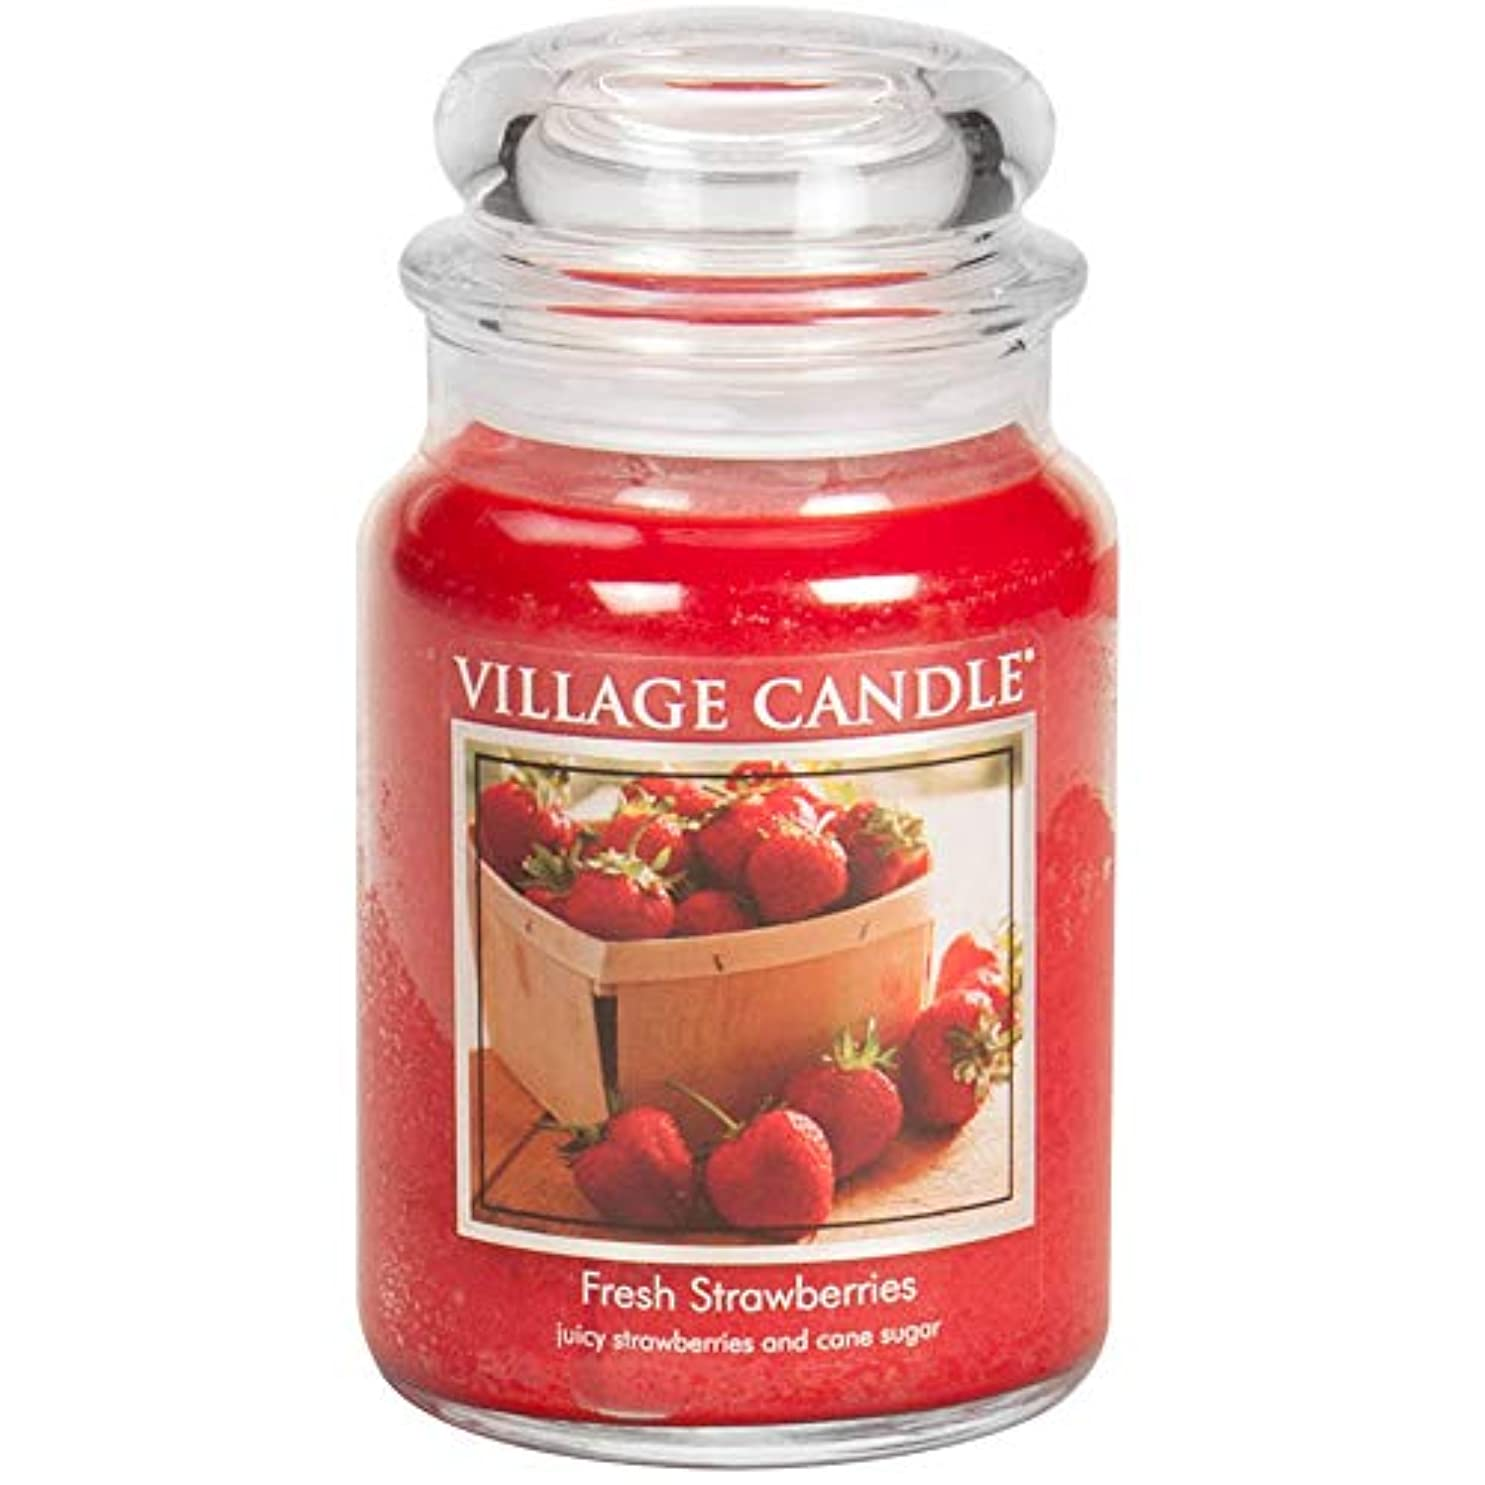 作成者範囲静かなVillage Candle Large Fragranced Candle Jar - 17cm x 10cm - 26oz (1219g)- Fresh Strawberries - upto 170 hours burn...